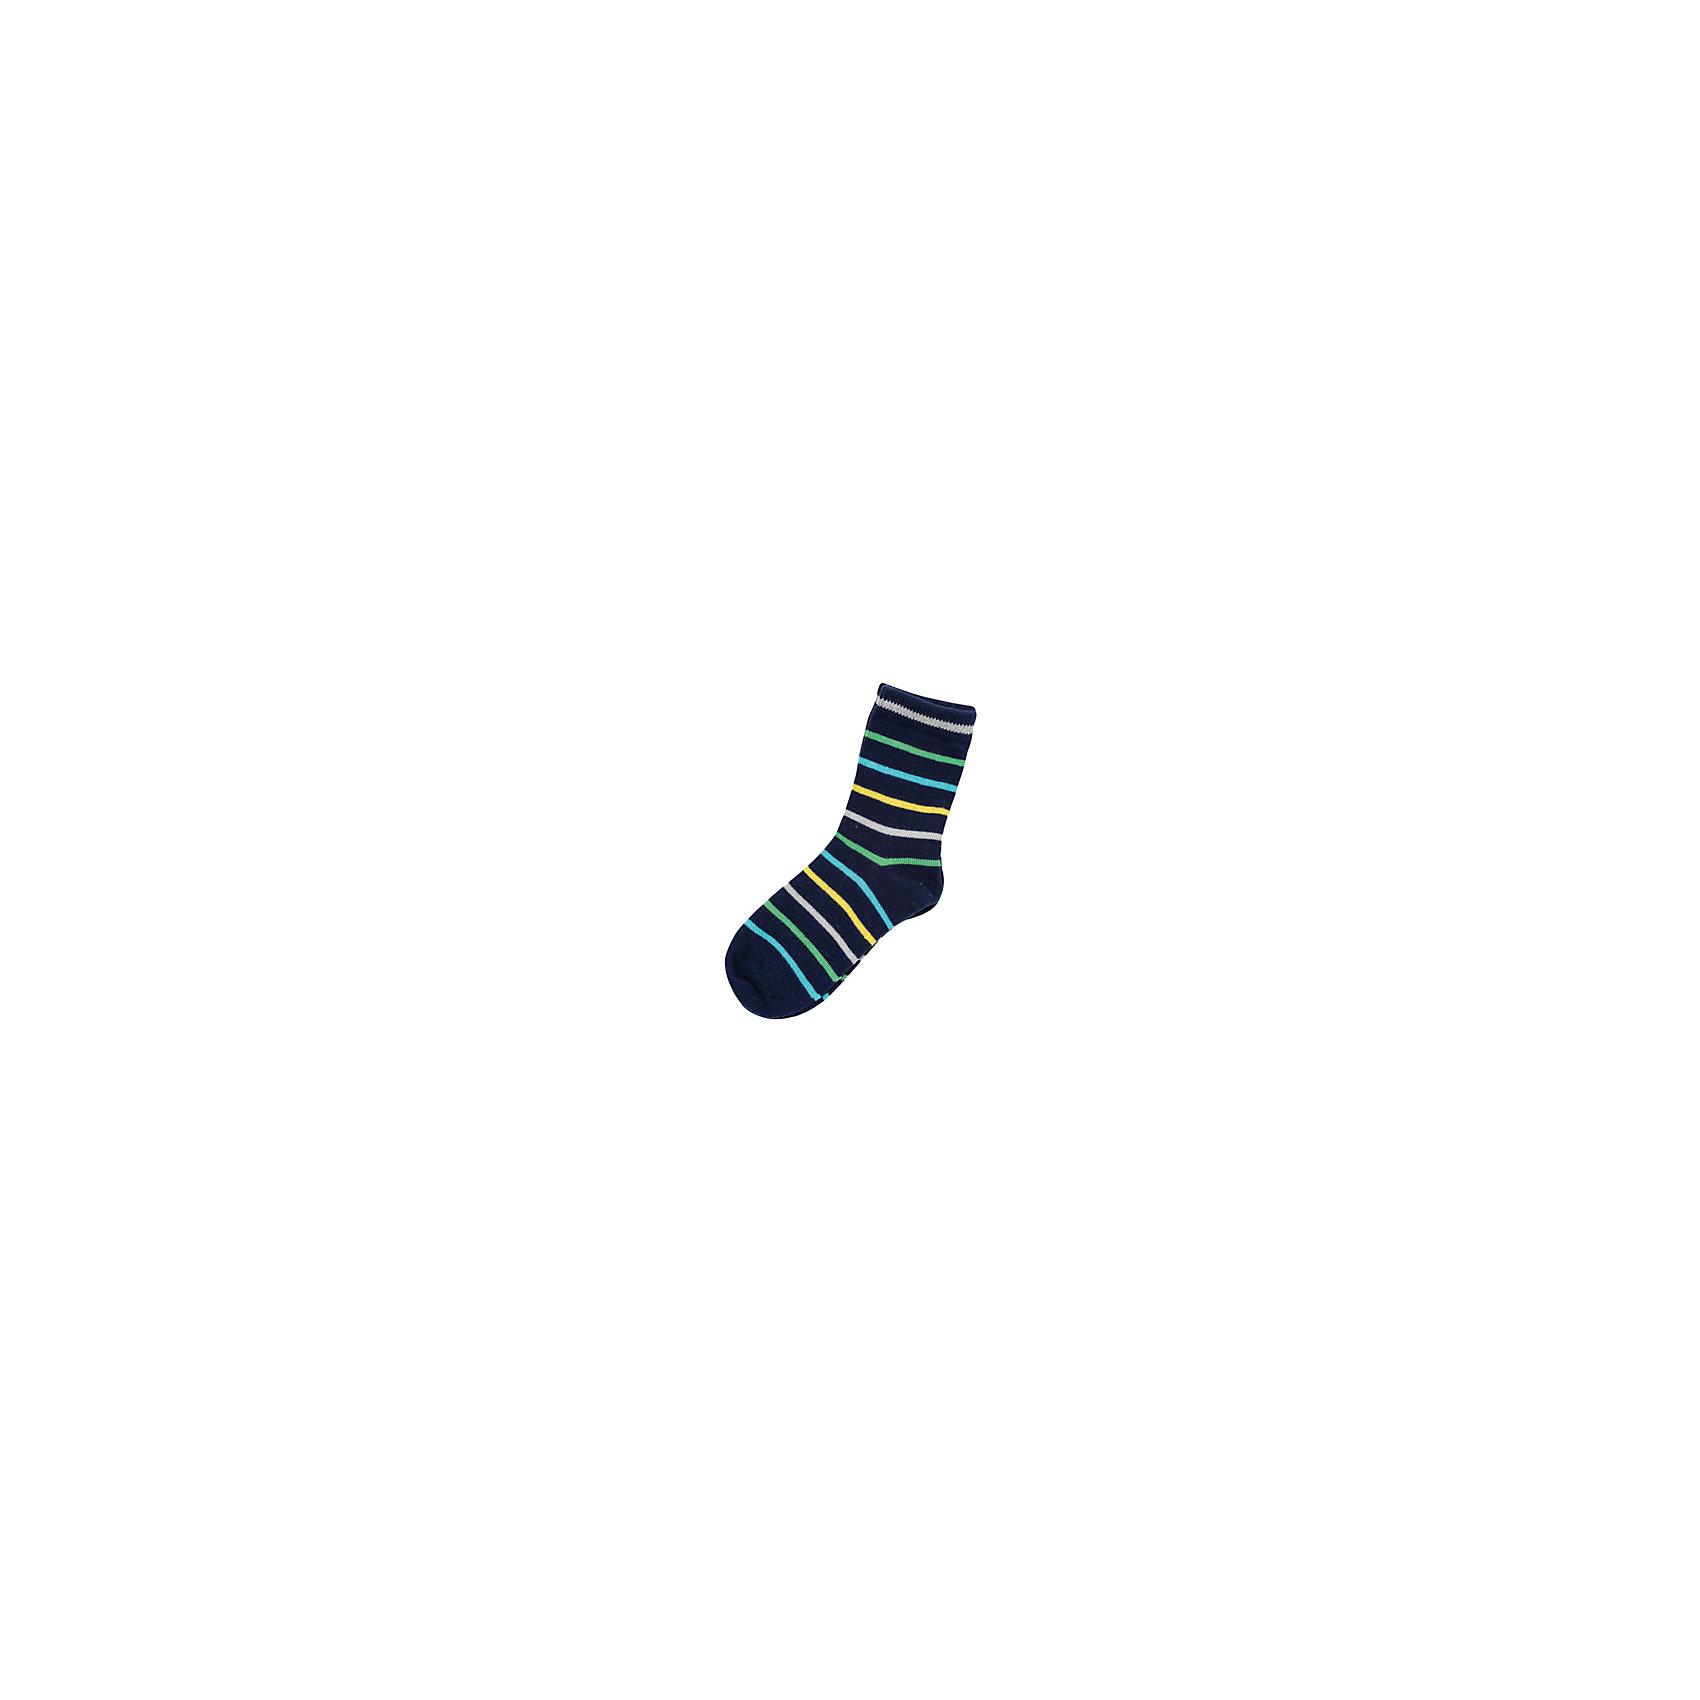 Носки для мальчика PlayTodayНоски<br>Носки для мальчика от известного бренда PlayToday.<br>Уютные полосатые носочки на каждый день. Верх на мягкой резинке.<br>Состав:<br>75% хлопок, 22% нейлон, 3% эластан<br><br>Ширина мм: 87<br>Глубина мм: 10<br>Высота мм: 105<br>Вес г: 115<br>Цвет: белый<br>Возраст от месяцев: 3<br>Возраст до месяцев: 6<br>Пол: Мужской<br>Возраст: Детский<br>Размер: 18,14,16<br>SKU: 4898369